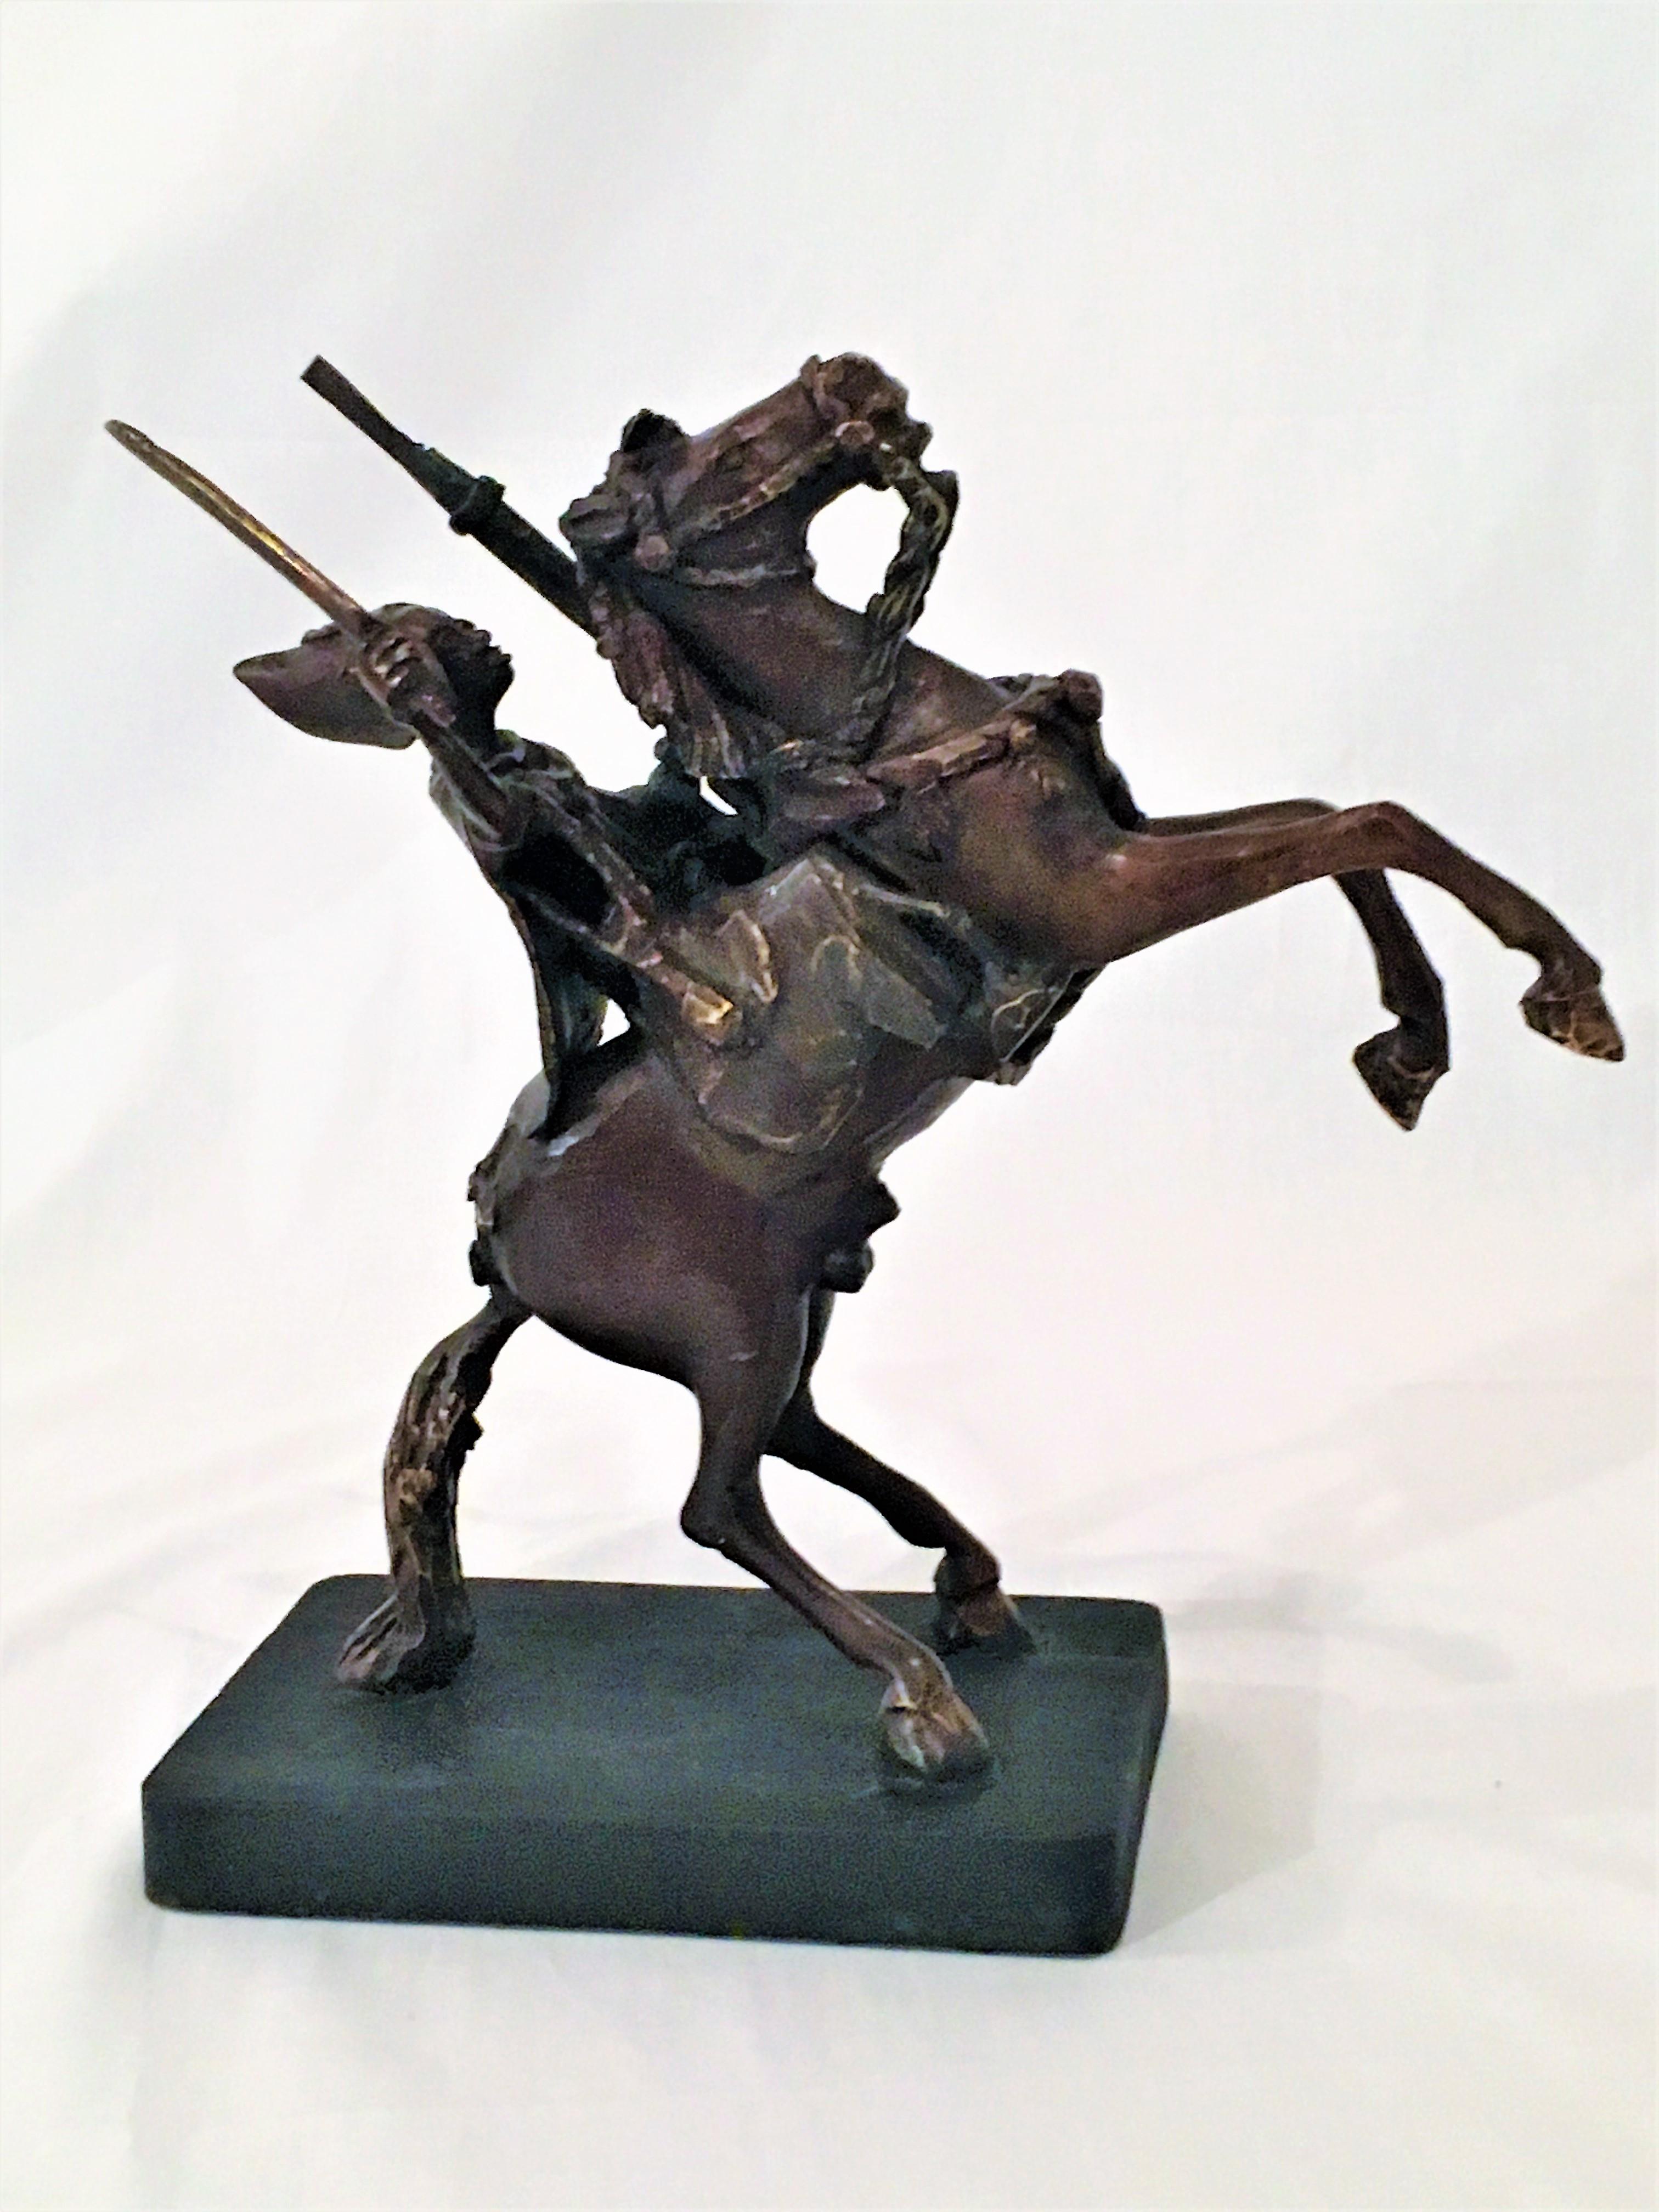 statue-bronze-ethnik-art